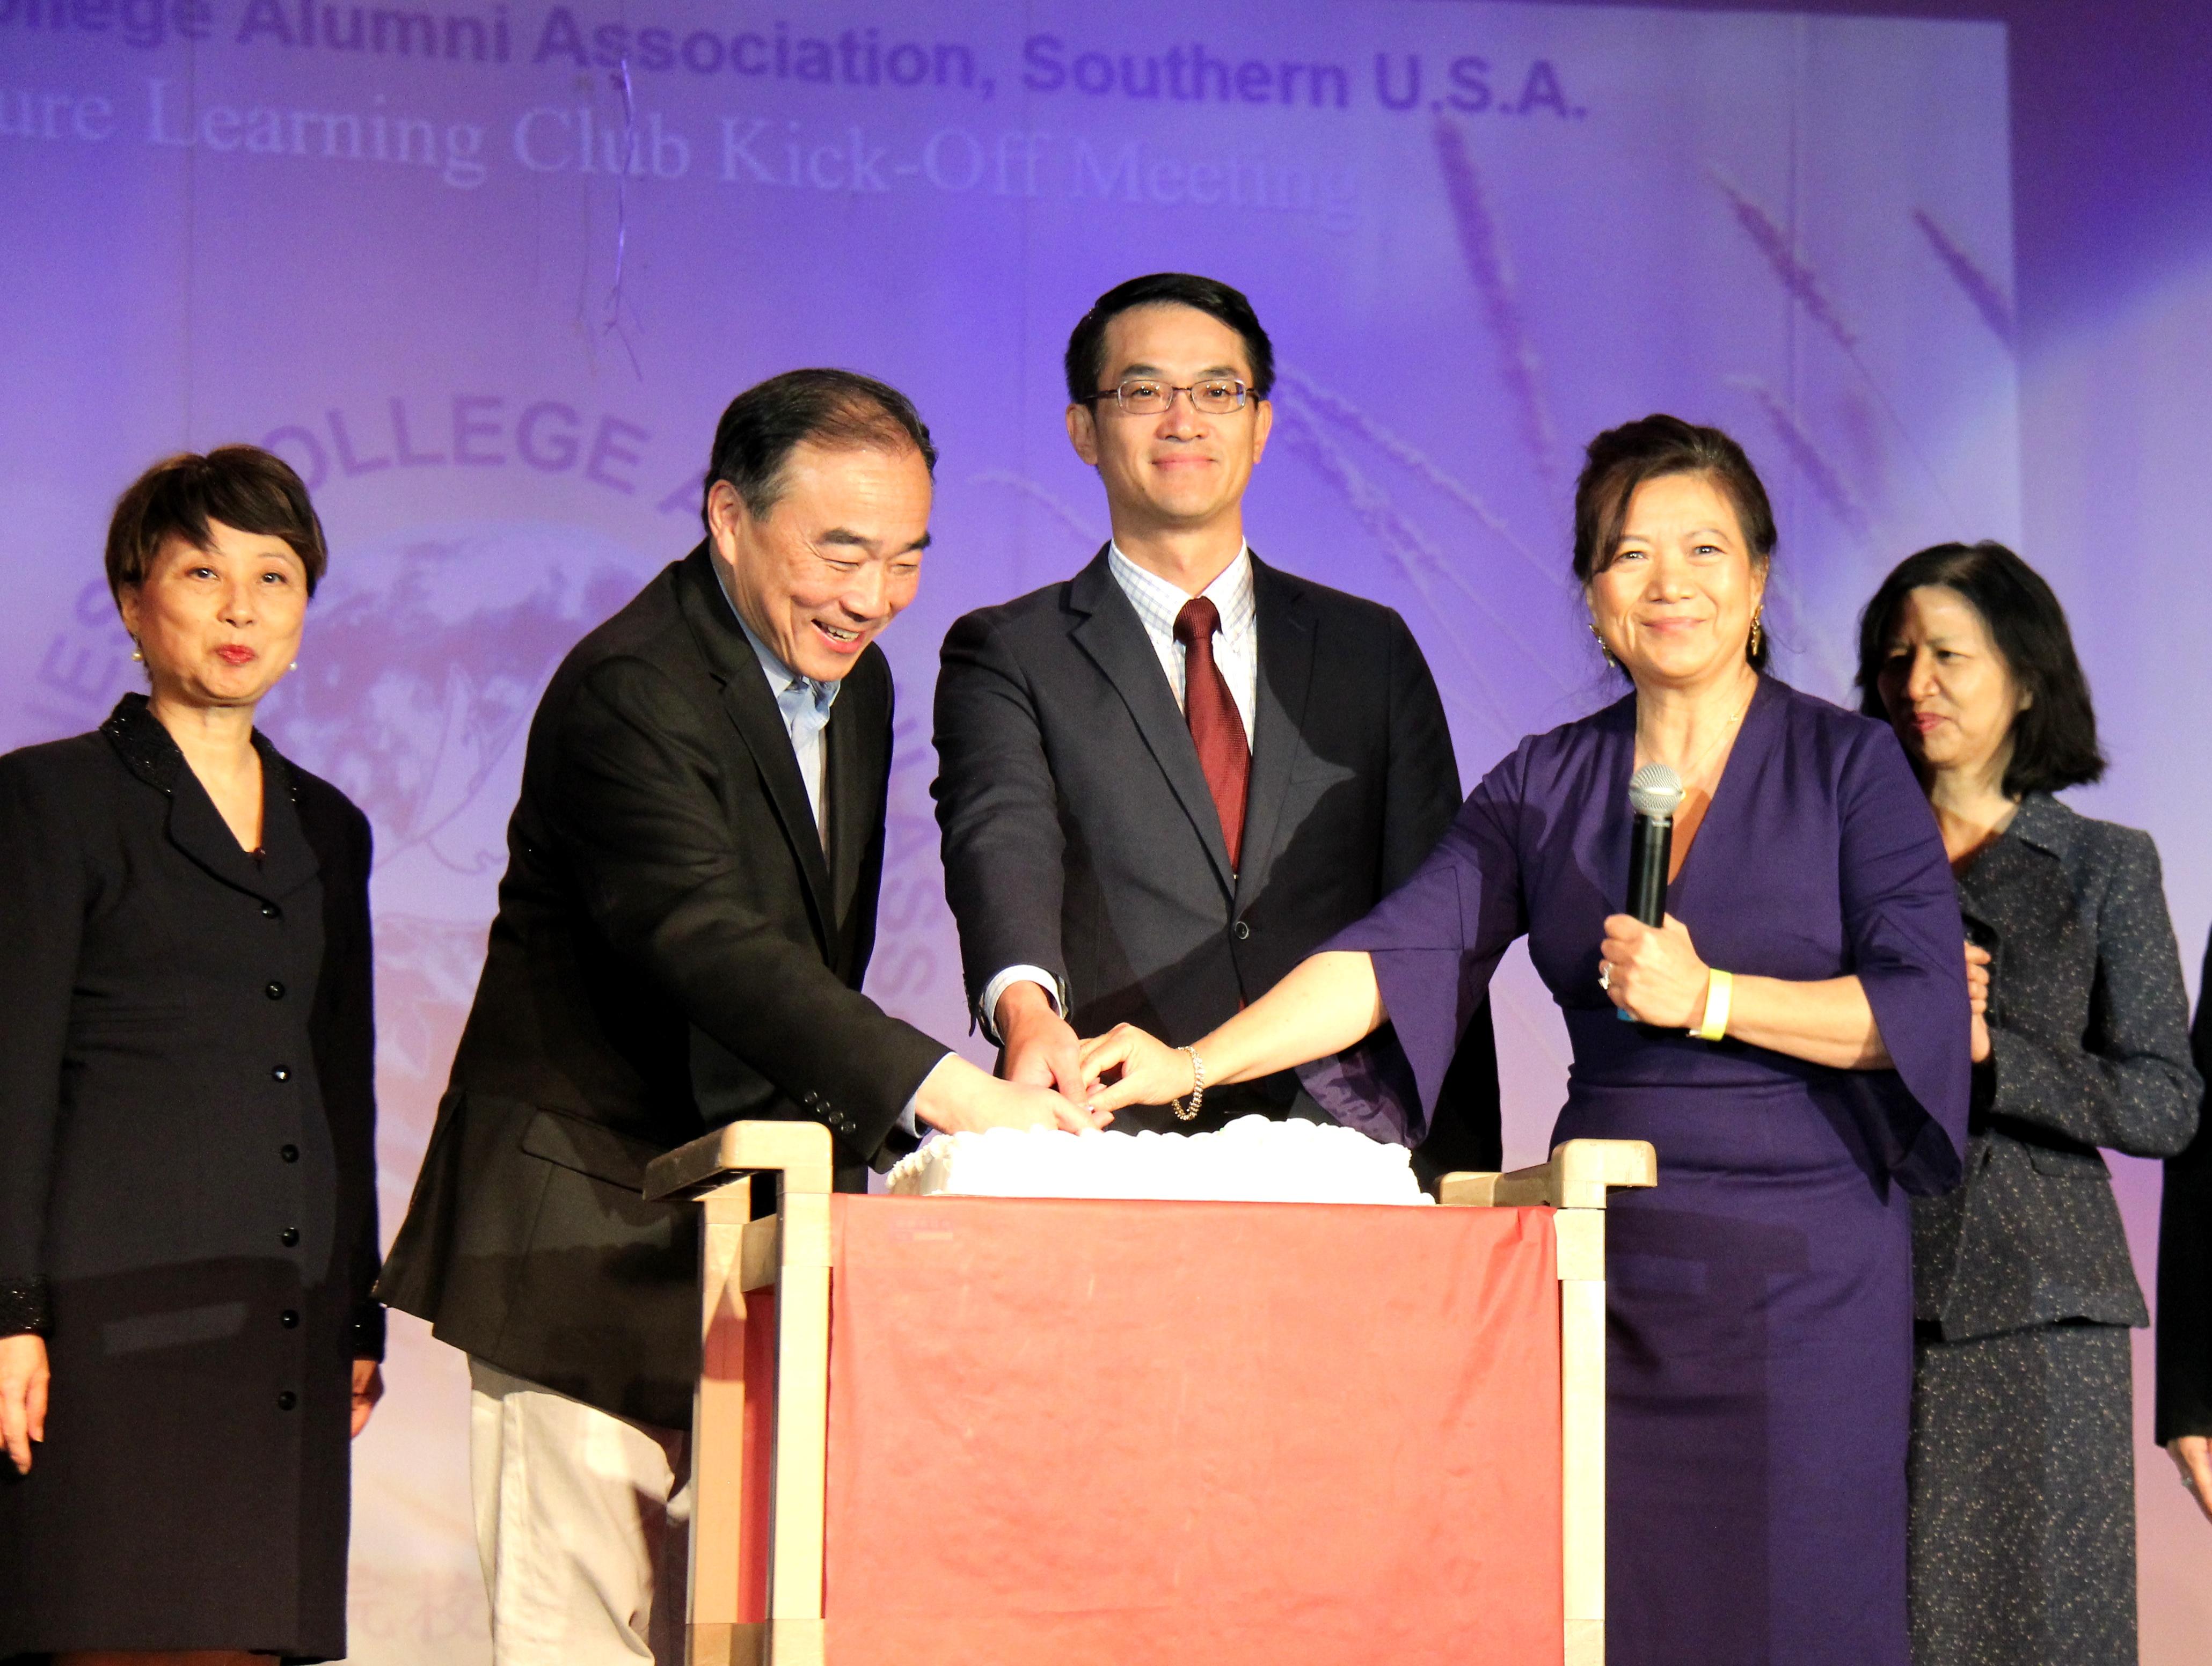 謝家鳳(從左到右),林昭亮,陳家彥,周芝陽和陳奕芳台上合影。(記者盧淑君/攝影)